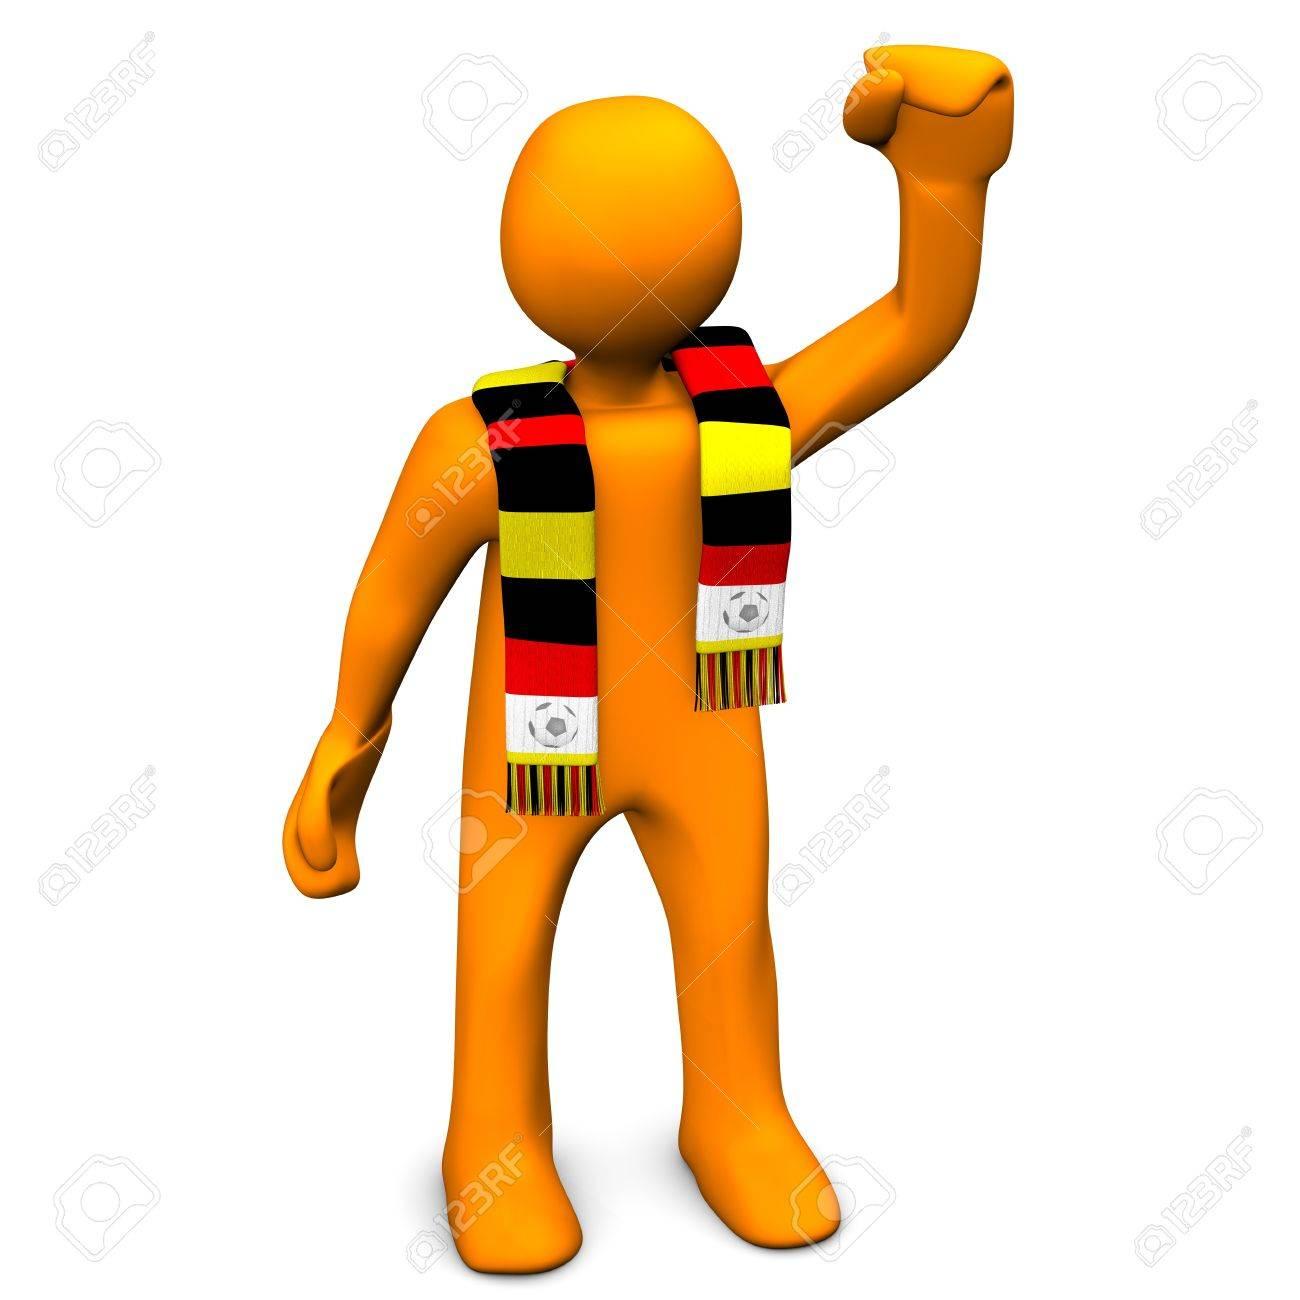 personaje de dibujos animados de naranja con una bufanda con los colores rojo amarillo y